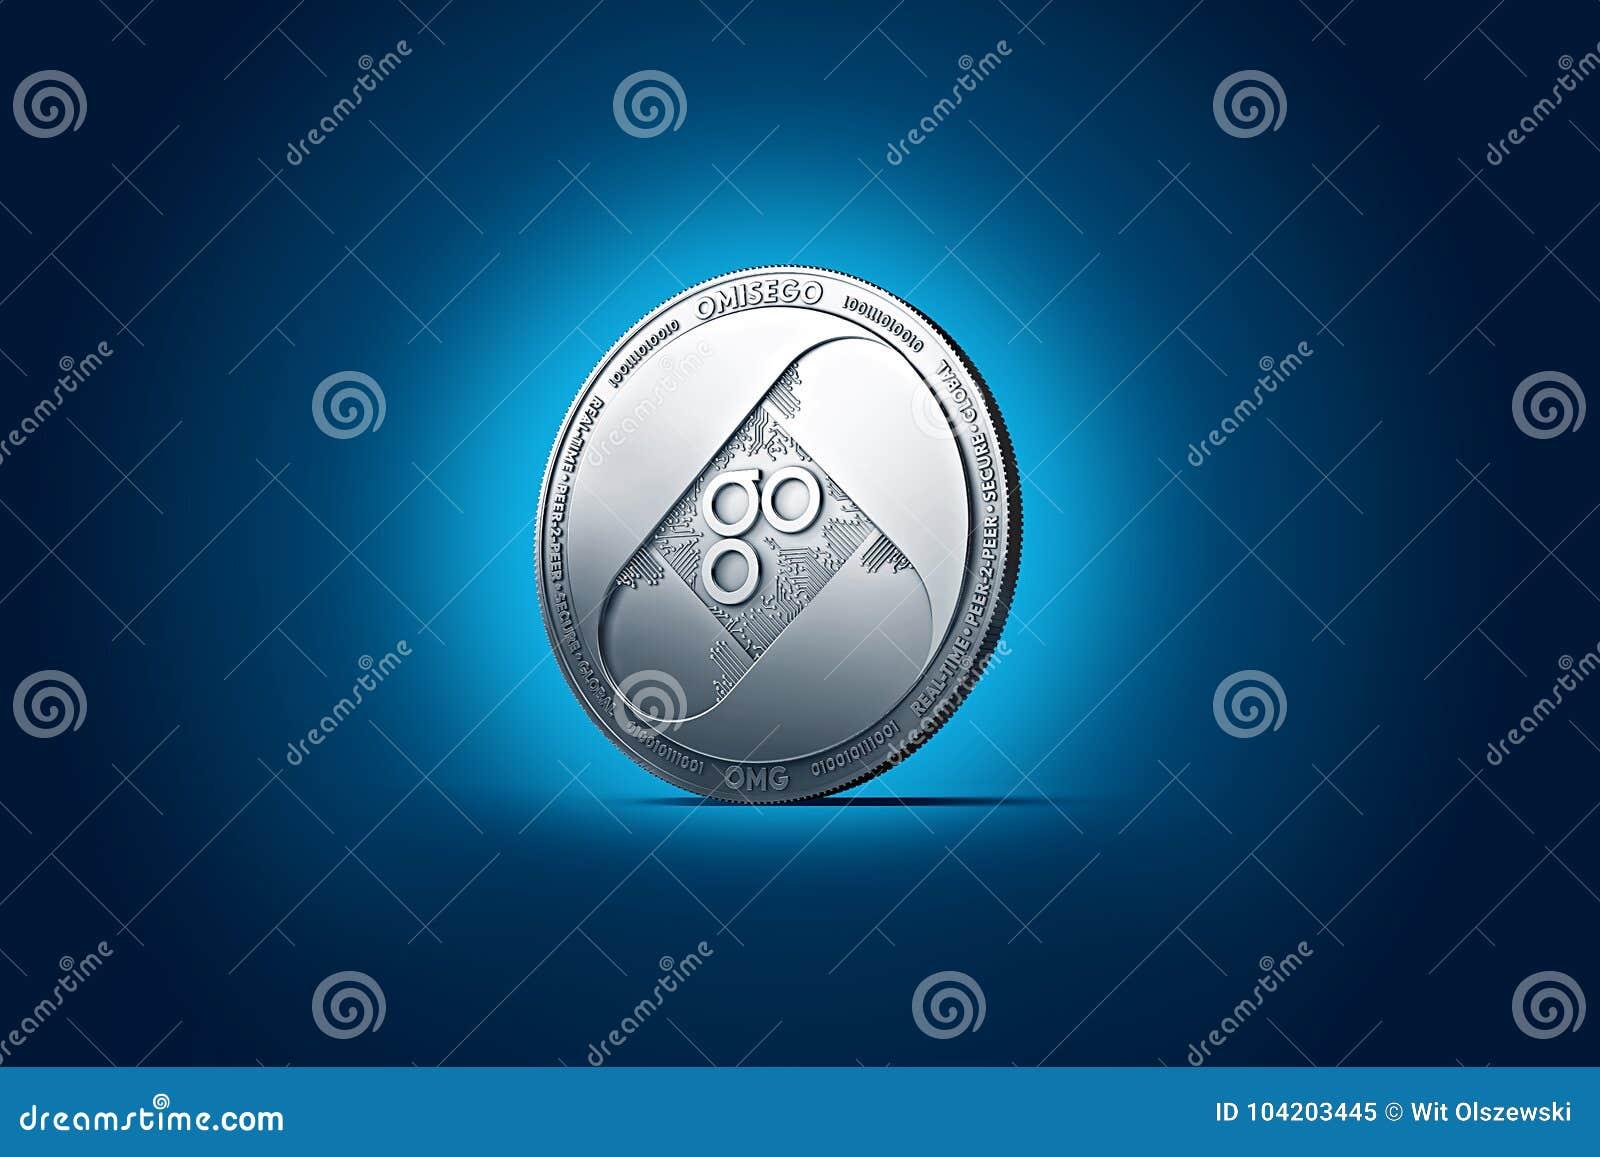 Λαμπρό ασημένιο νόμισμα OMISEGO OMG που επιδεικνύεται στο ήπια αναμμένο σκούρο μπλε υπόβαθρο